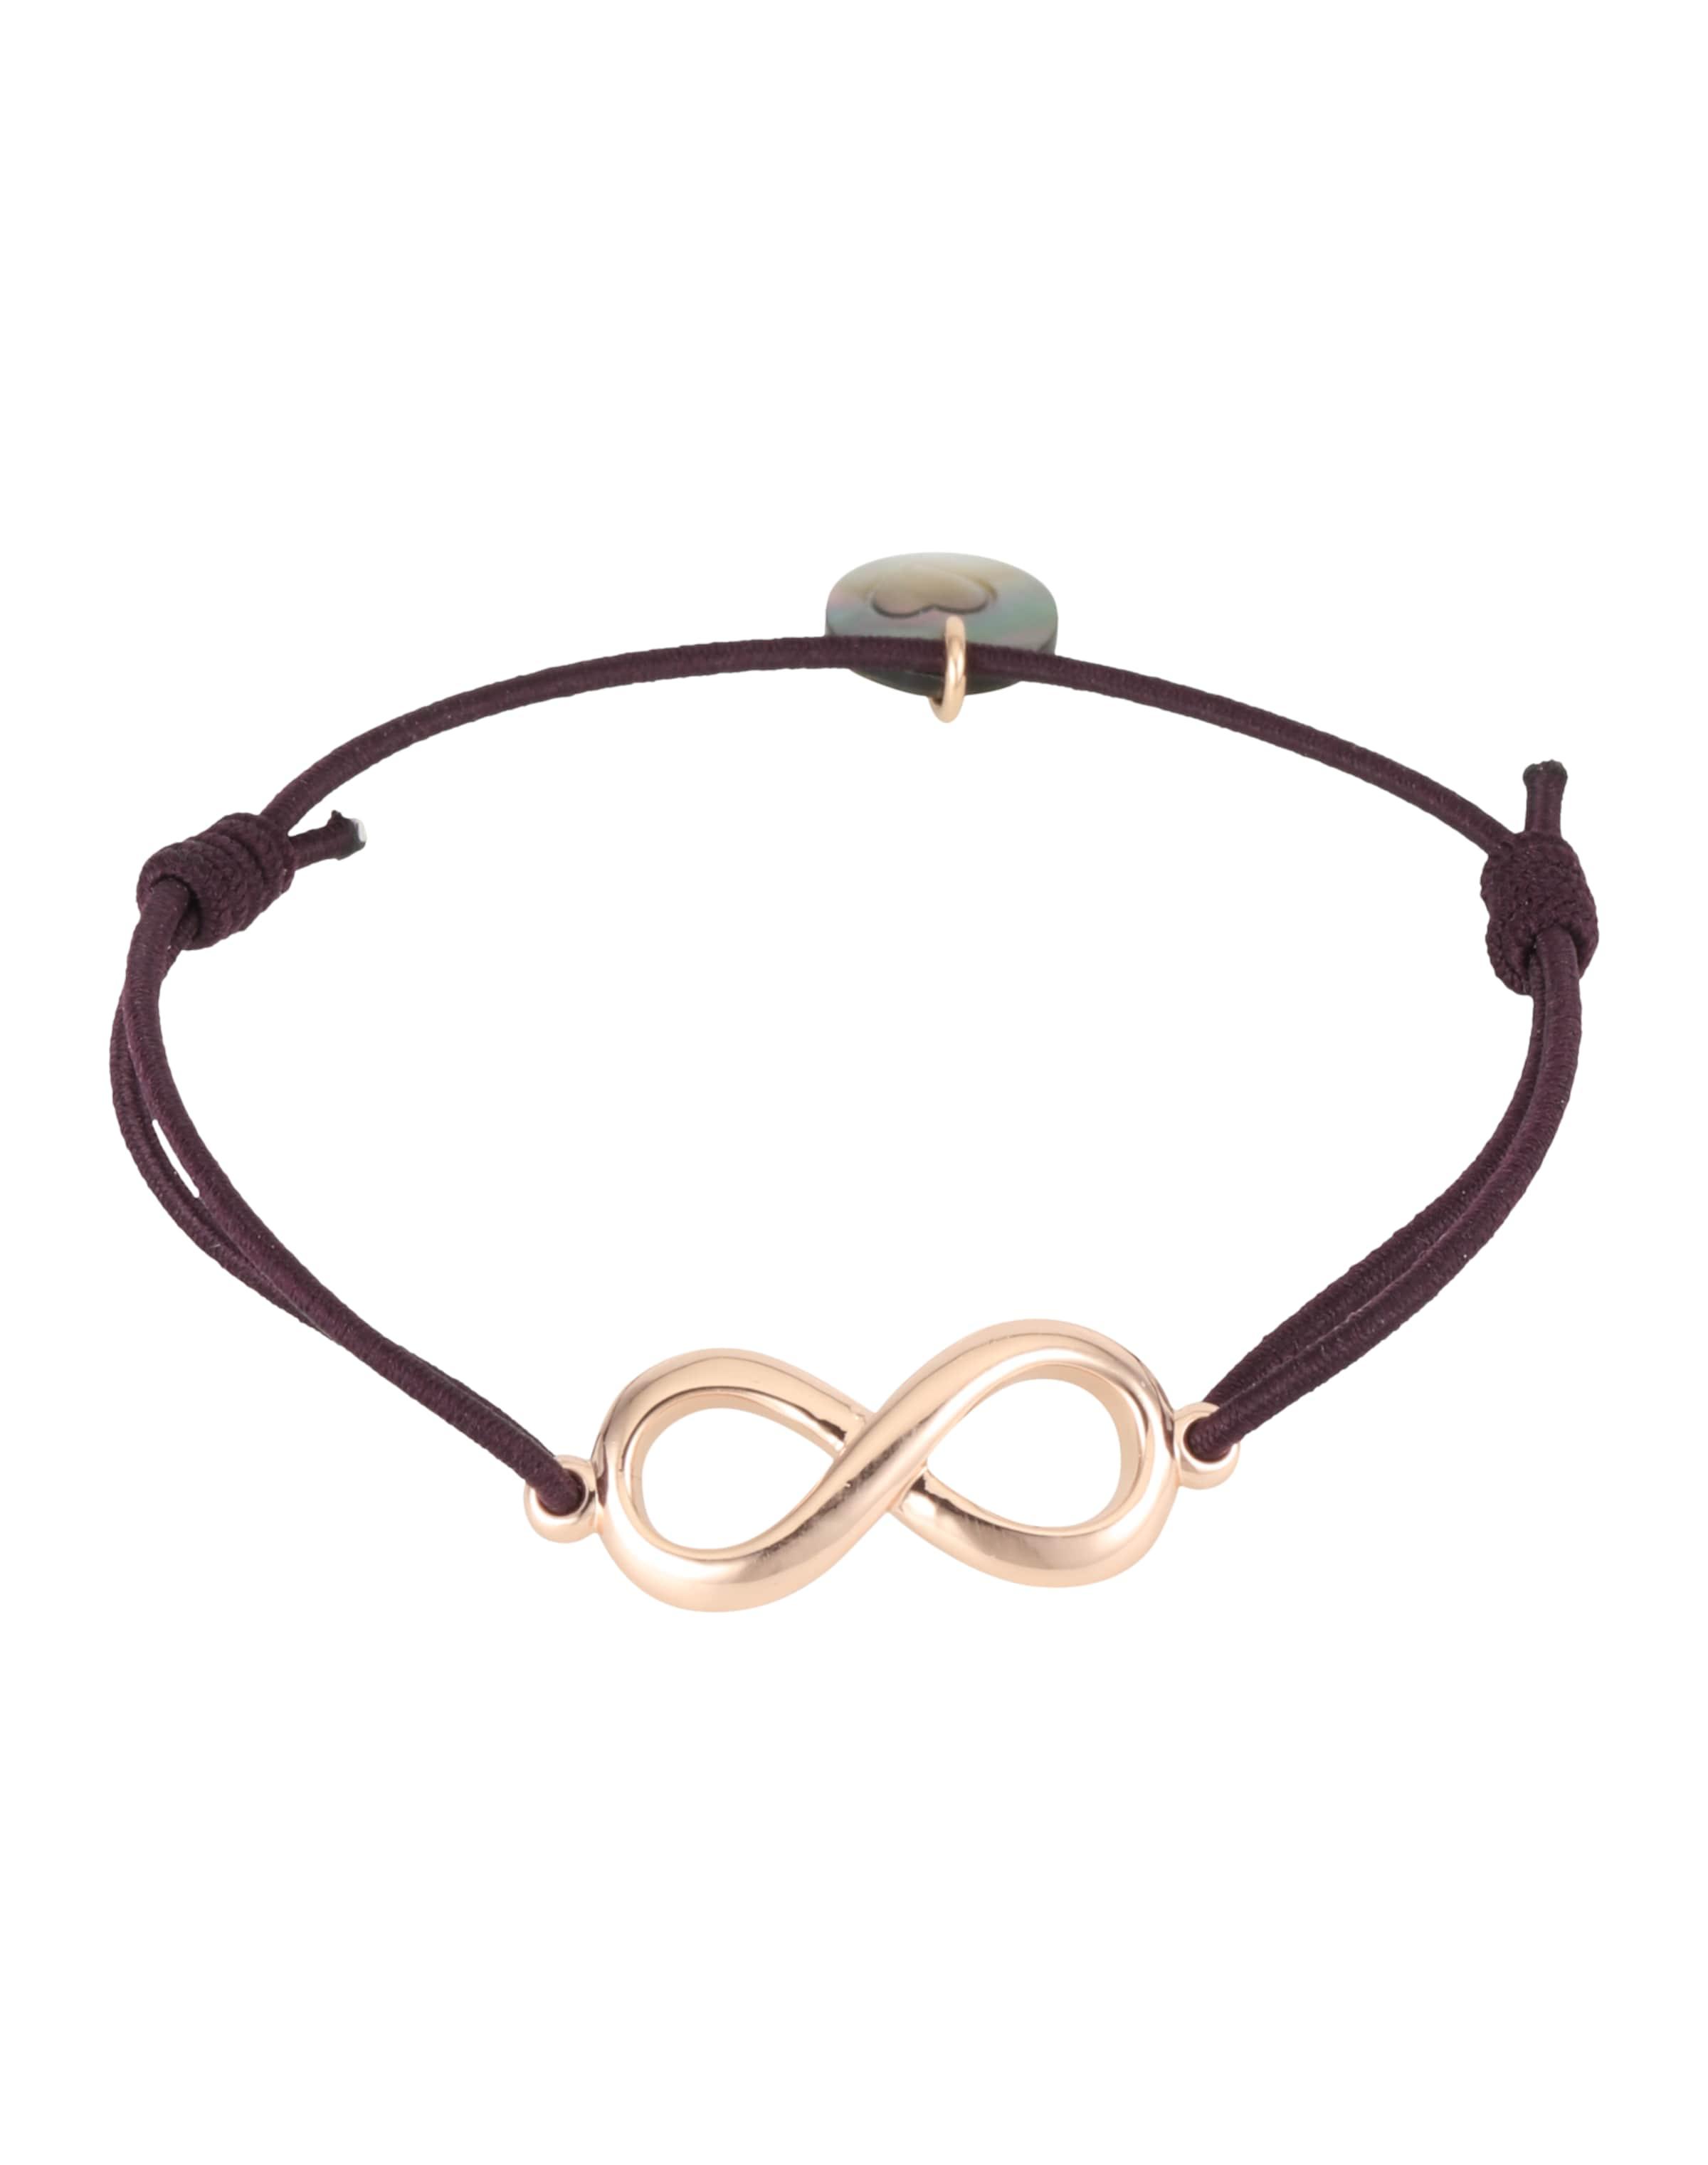 lua accessories Armband 'Endless' Die Billigsten YD3jXdN